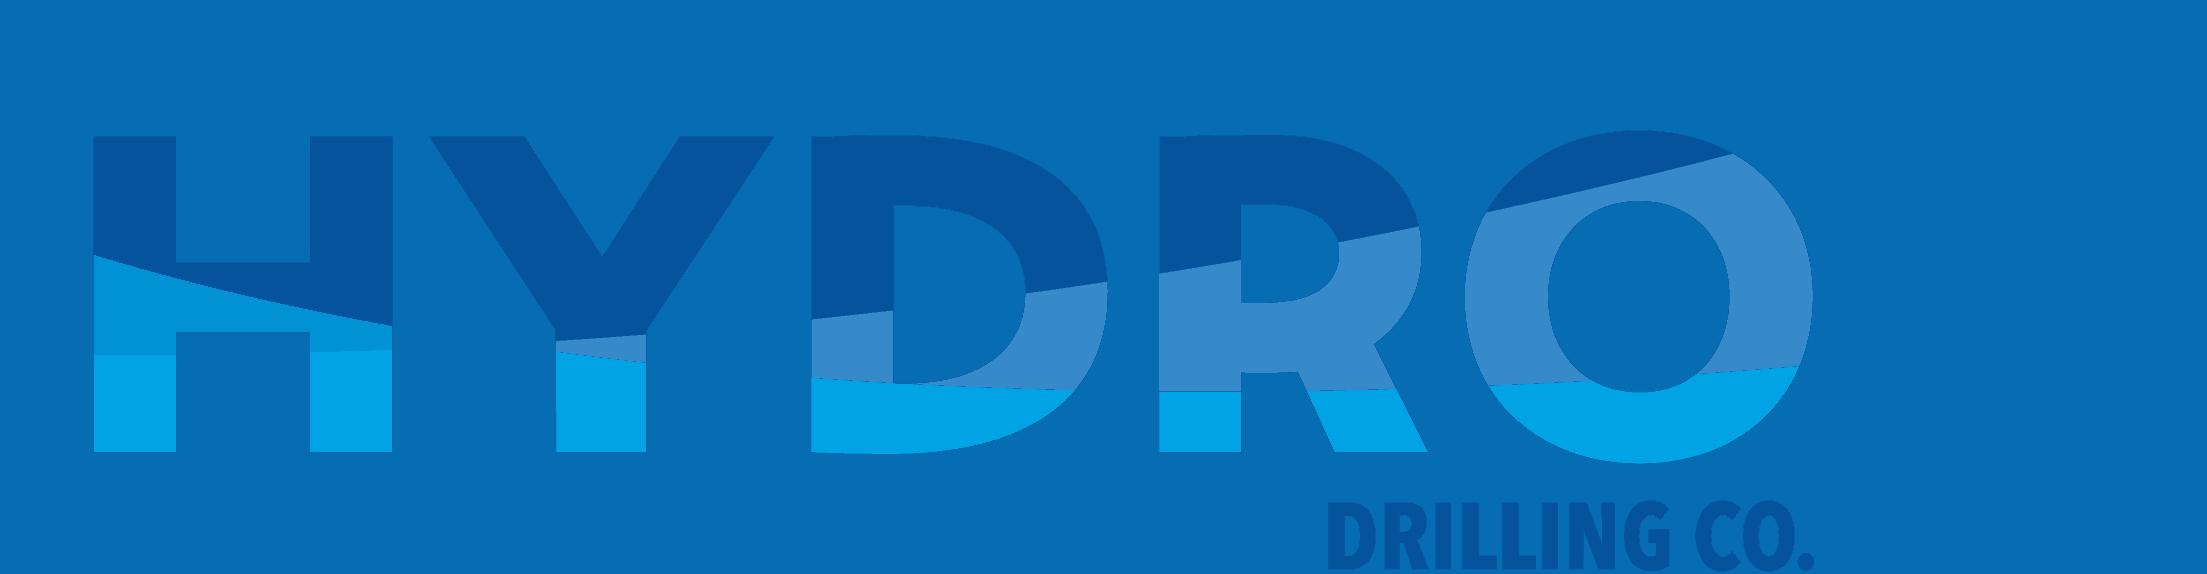 Hydro_logo_color